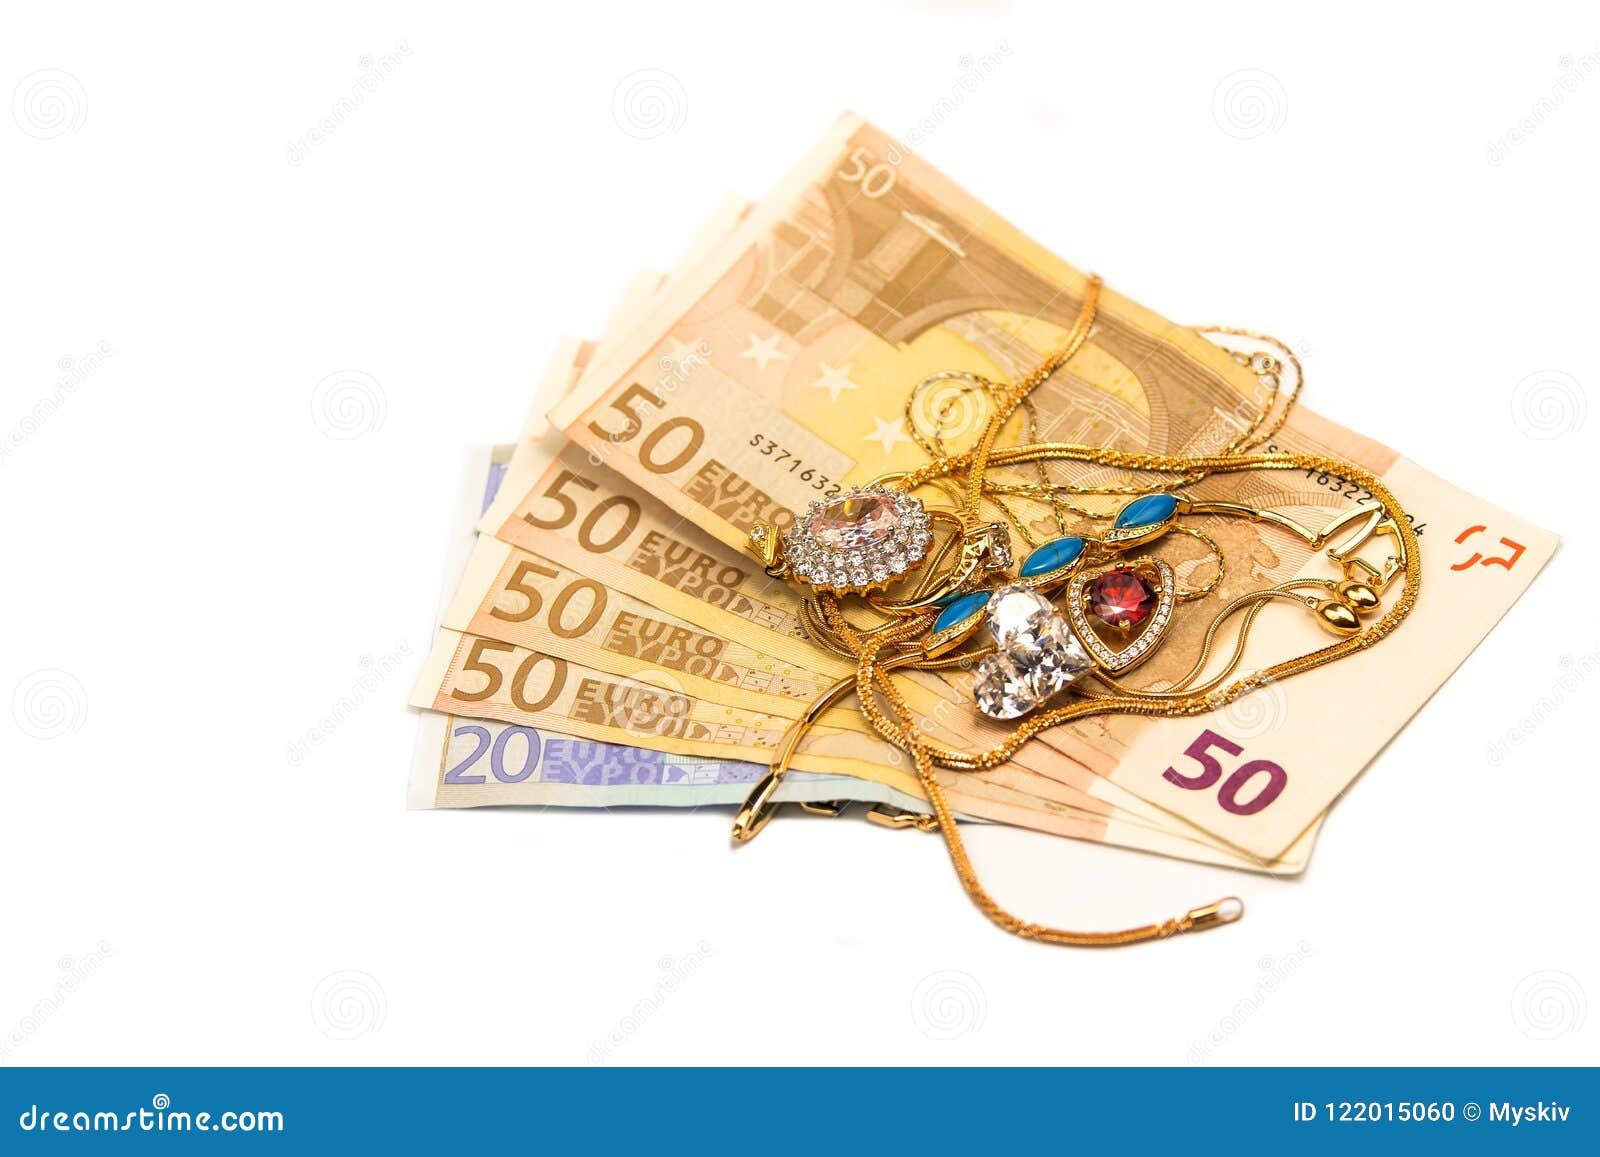 Contant geldeuro voor goud